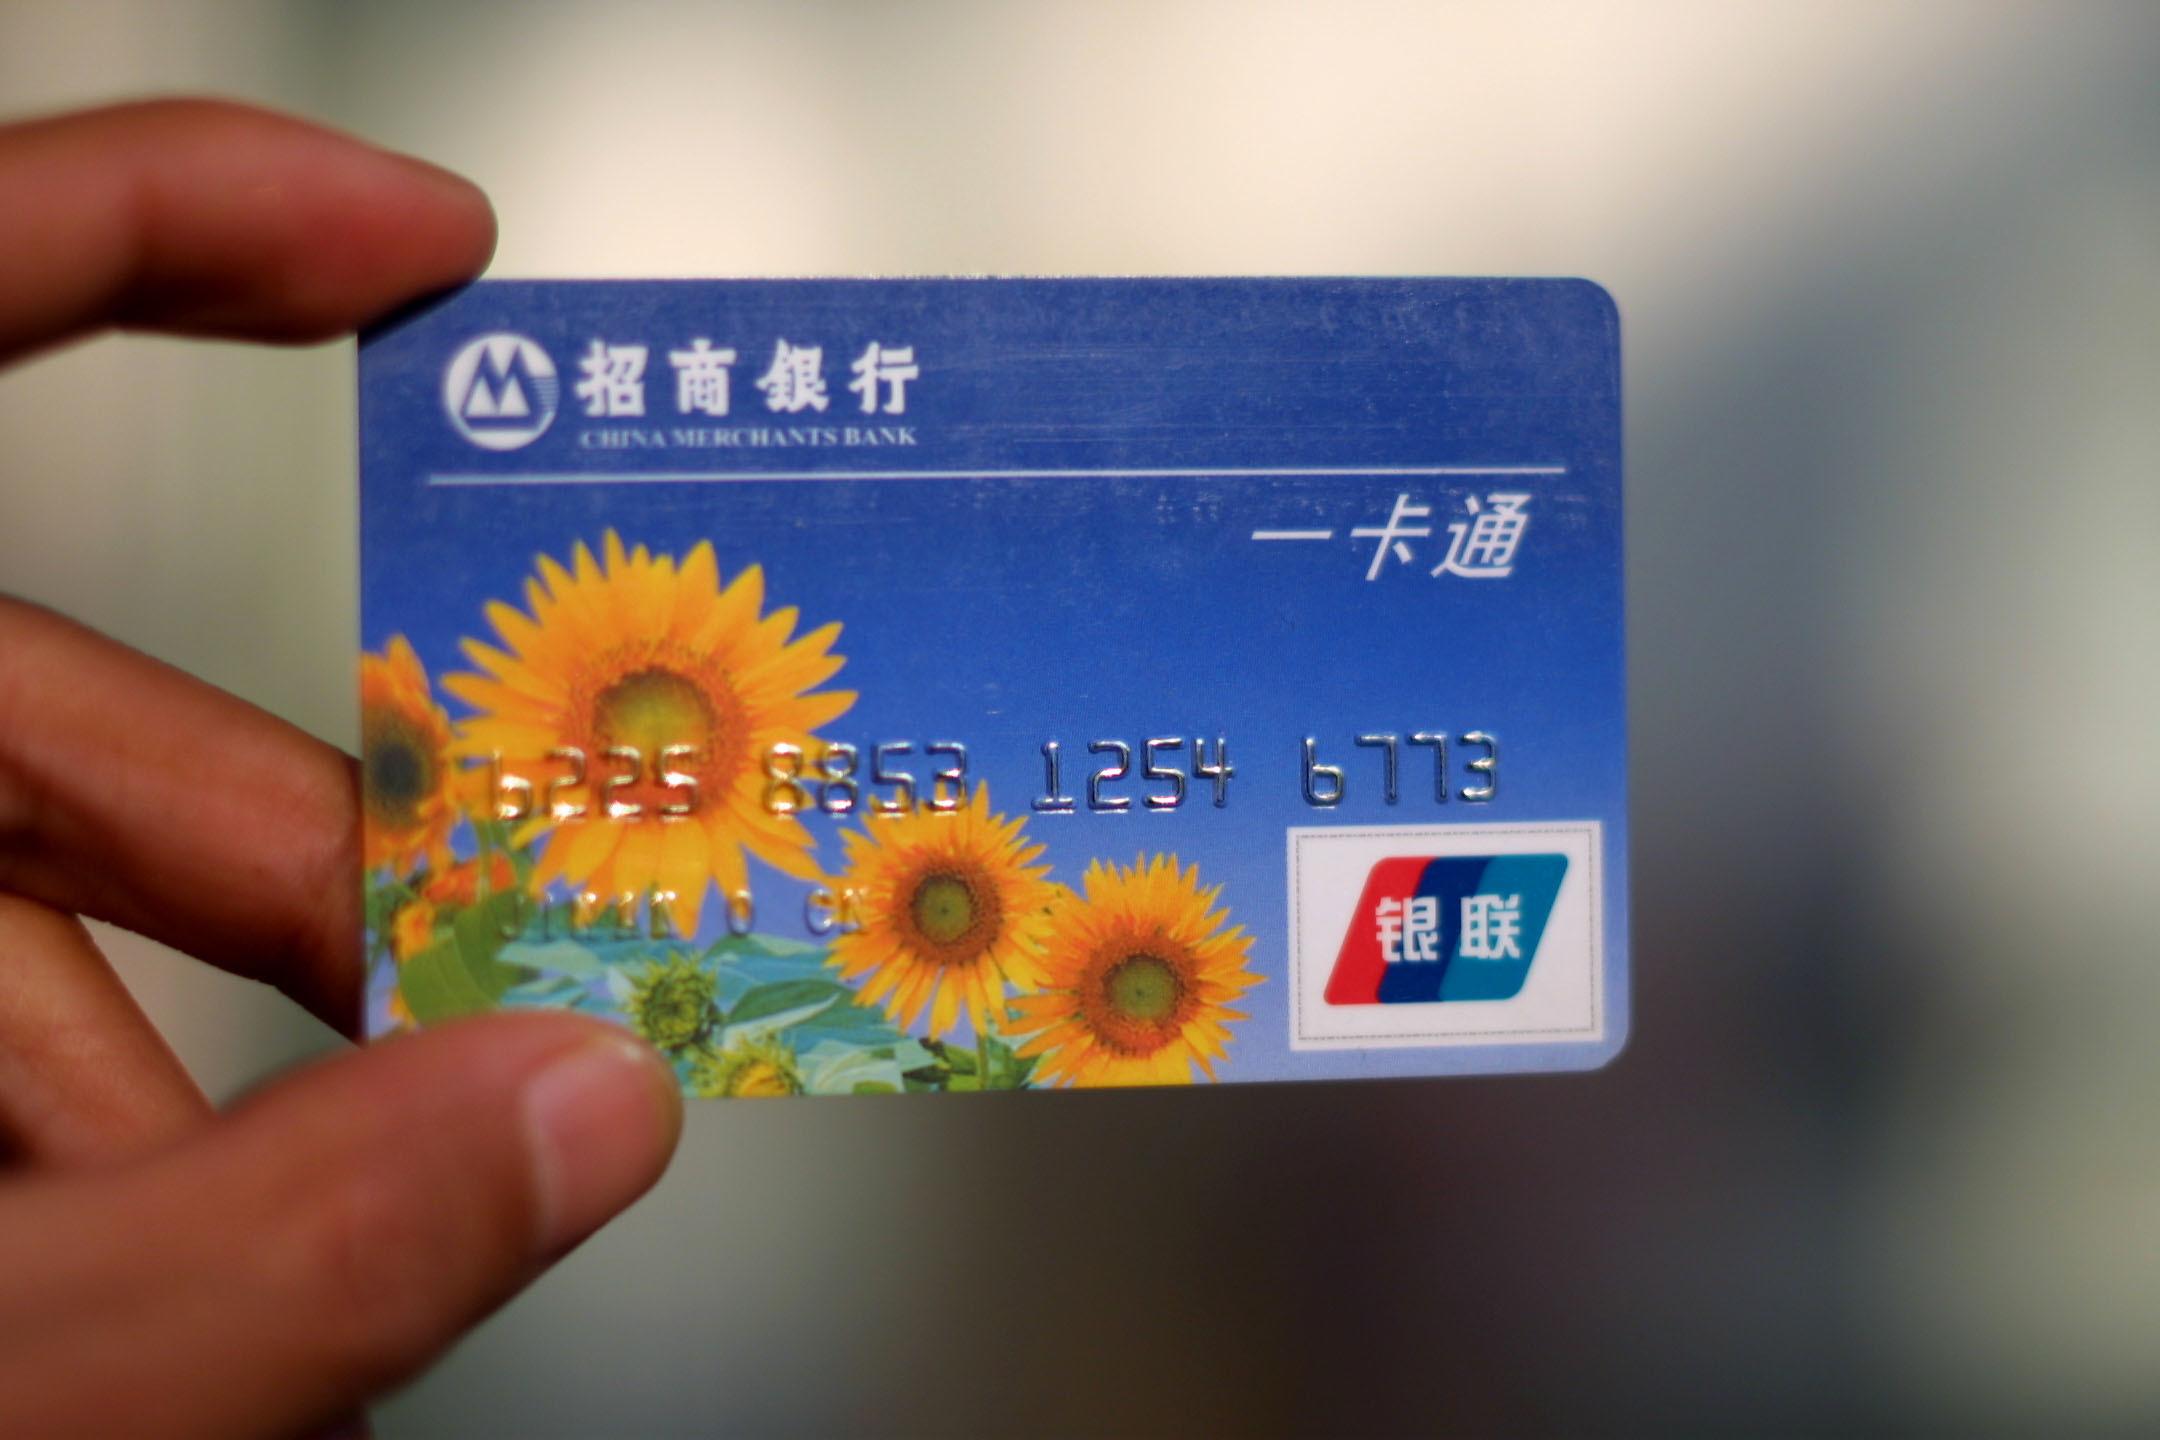 信用卡另类提额大法,提额慢的卡友一定要尝试!